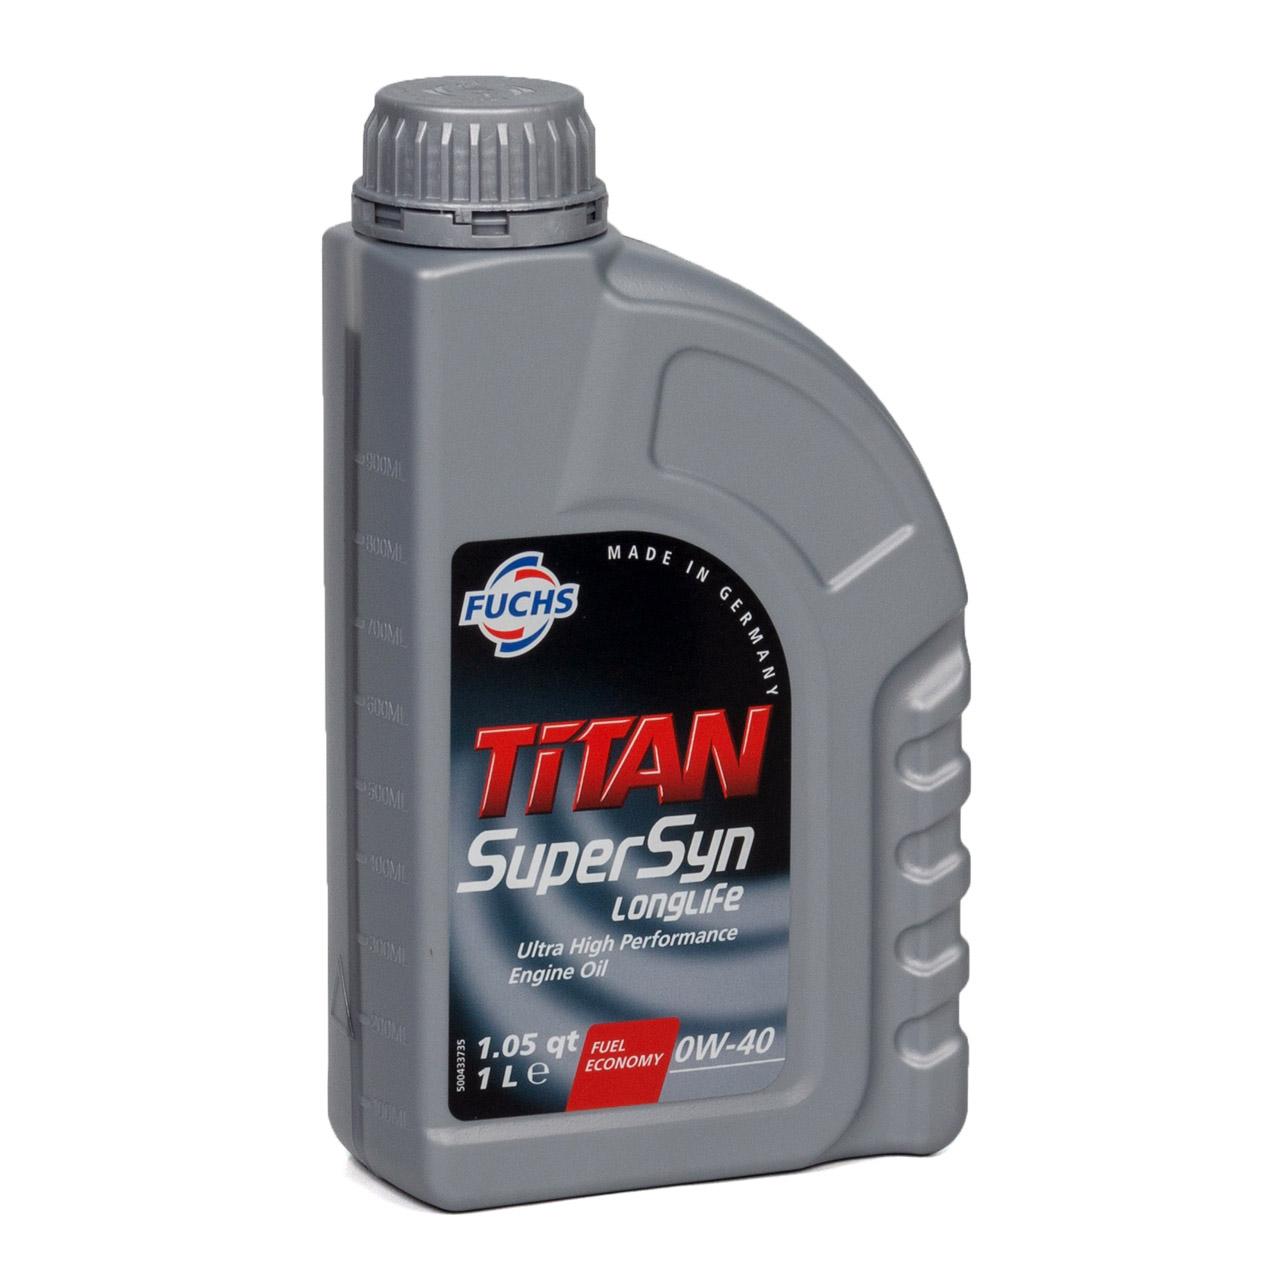 FUCHS MOTORÖL TITAN SuperSyn Longlife 0W-40 ACEA A3/B4 FORD M2C937-A 4L 4 Liter